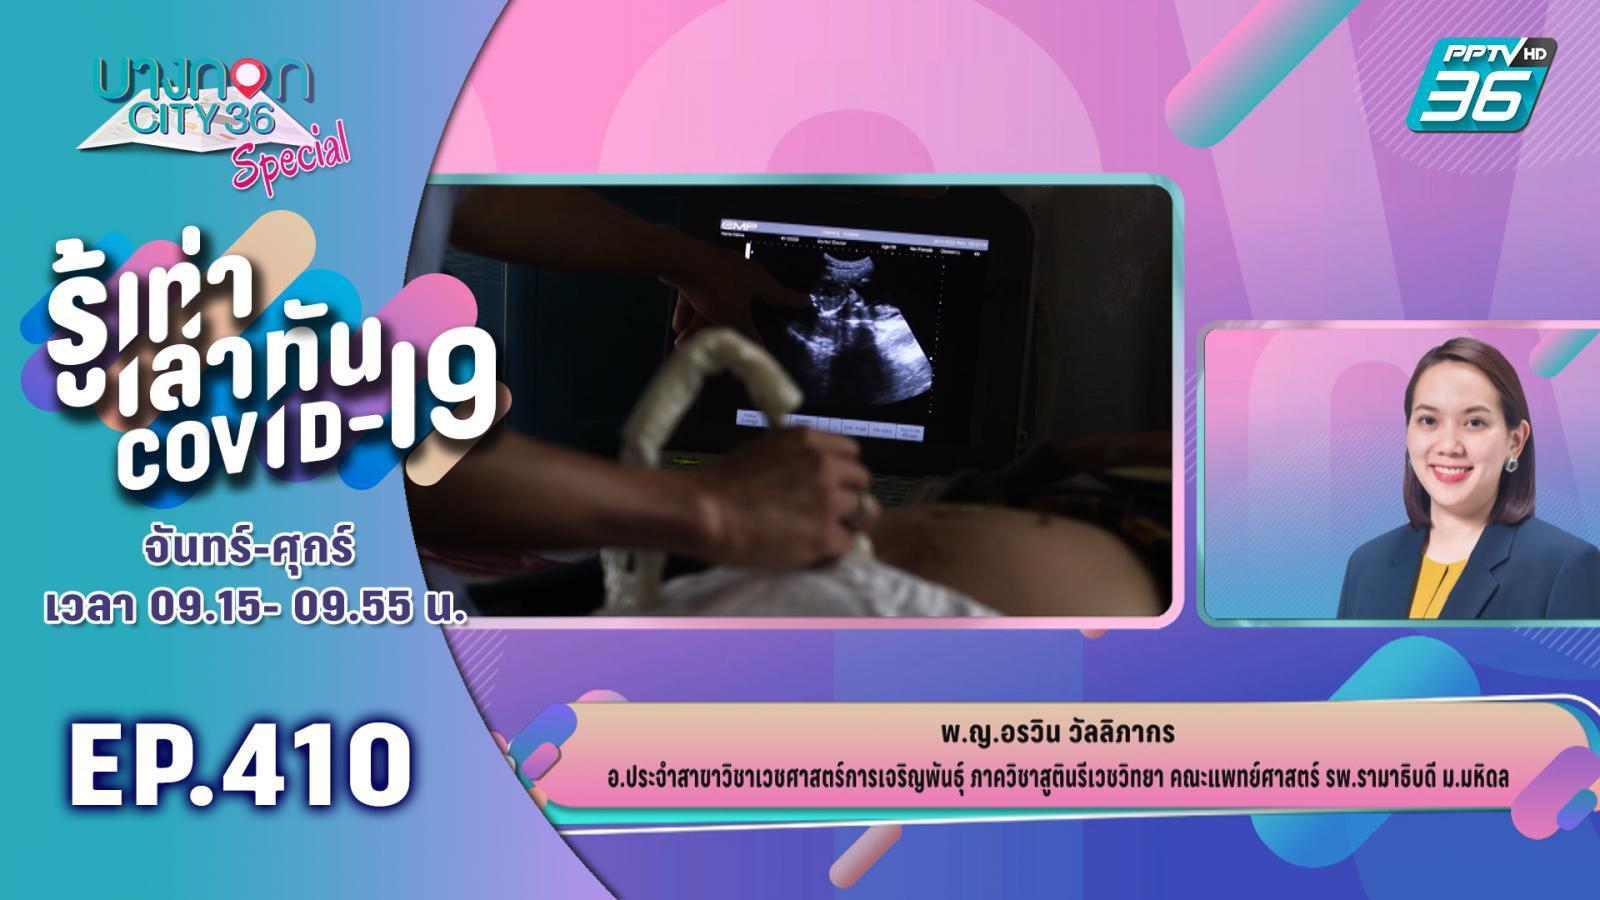 วิธีดูแลตัวเองแม่ ตั้งครรภ์-คลอดลูก ช่วงโควิด-19